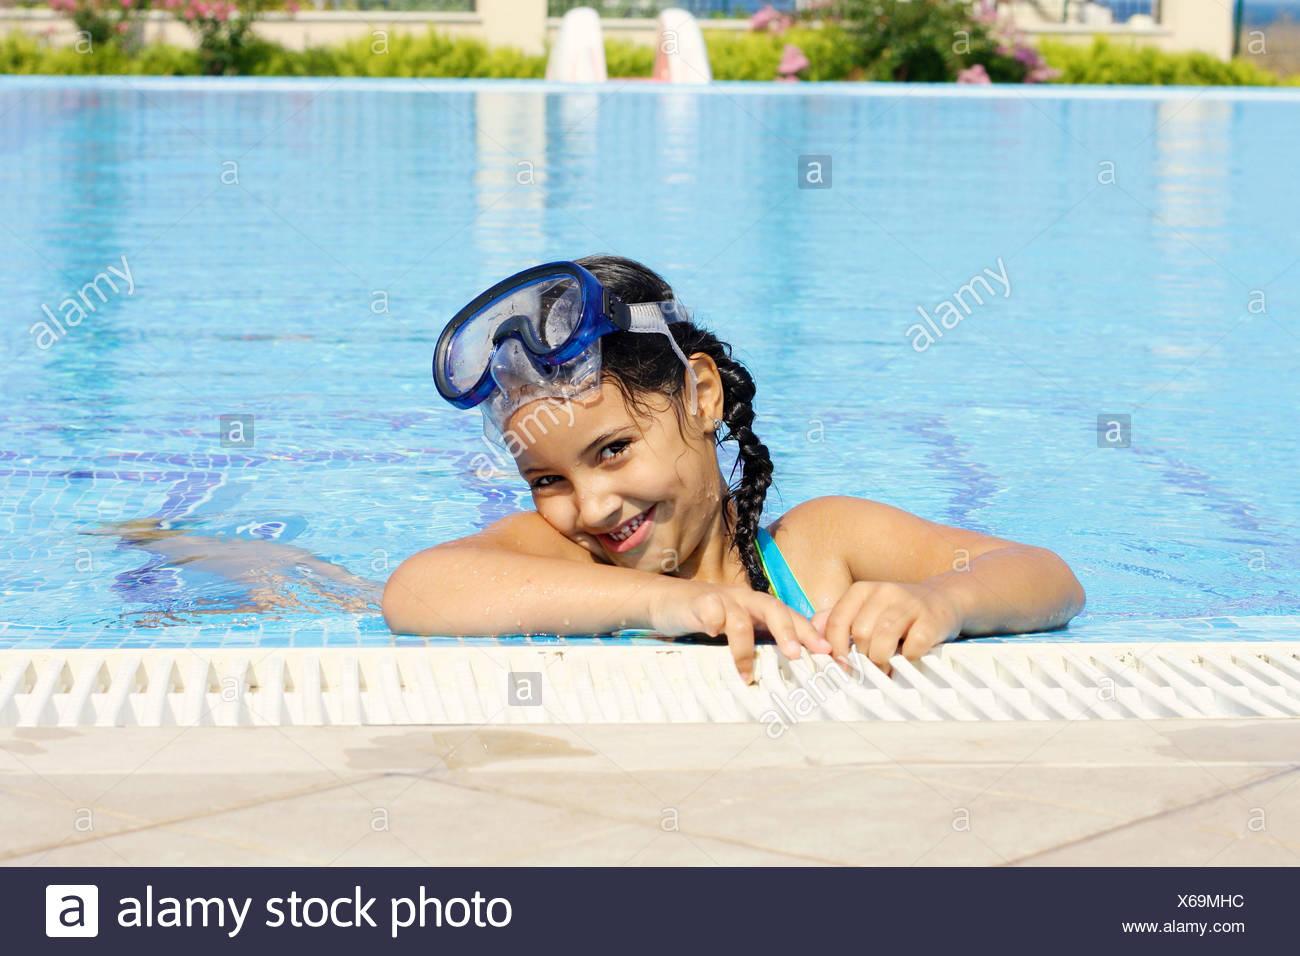 Smiling cute little girl (6-7) having fun in swimming pool Photo Stock